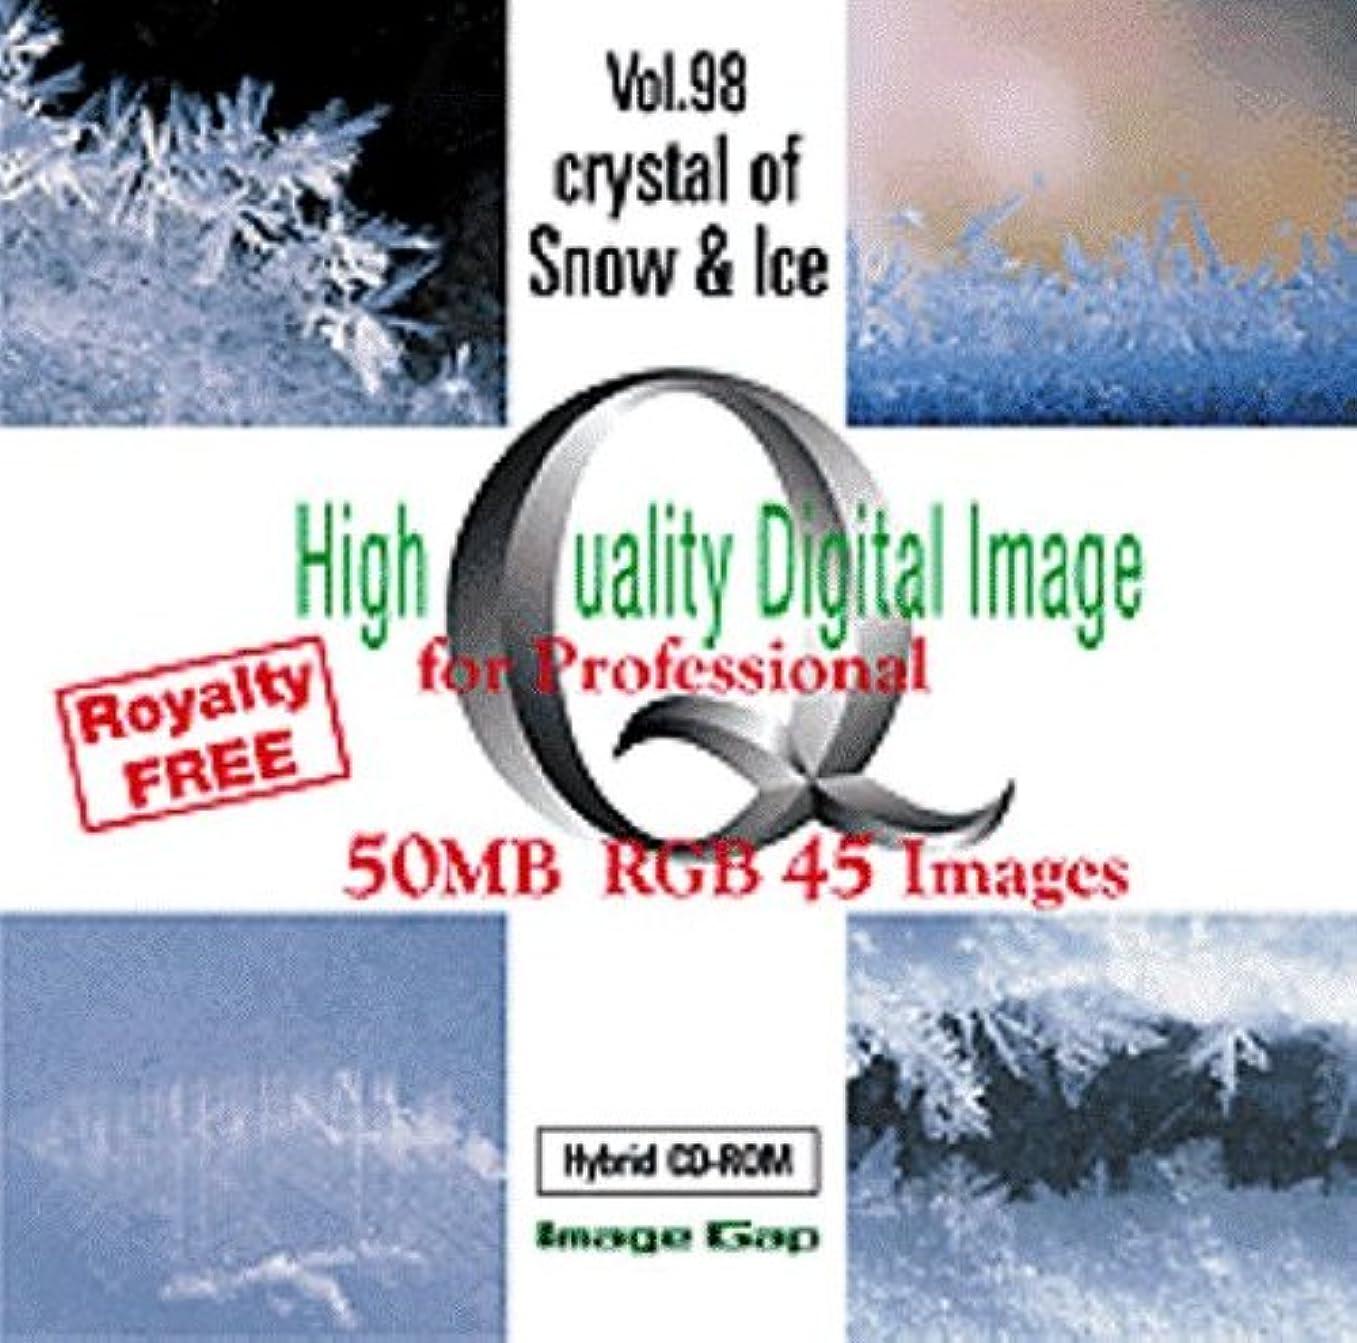 リスク頭初心者High Quality Digital Image Crystal of Snow & Ice